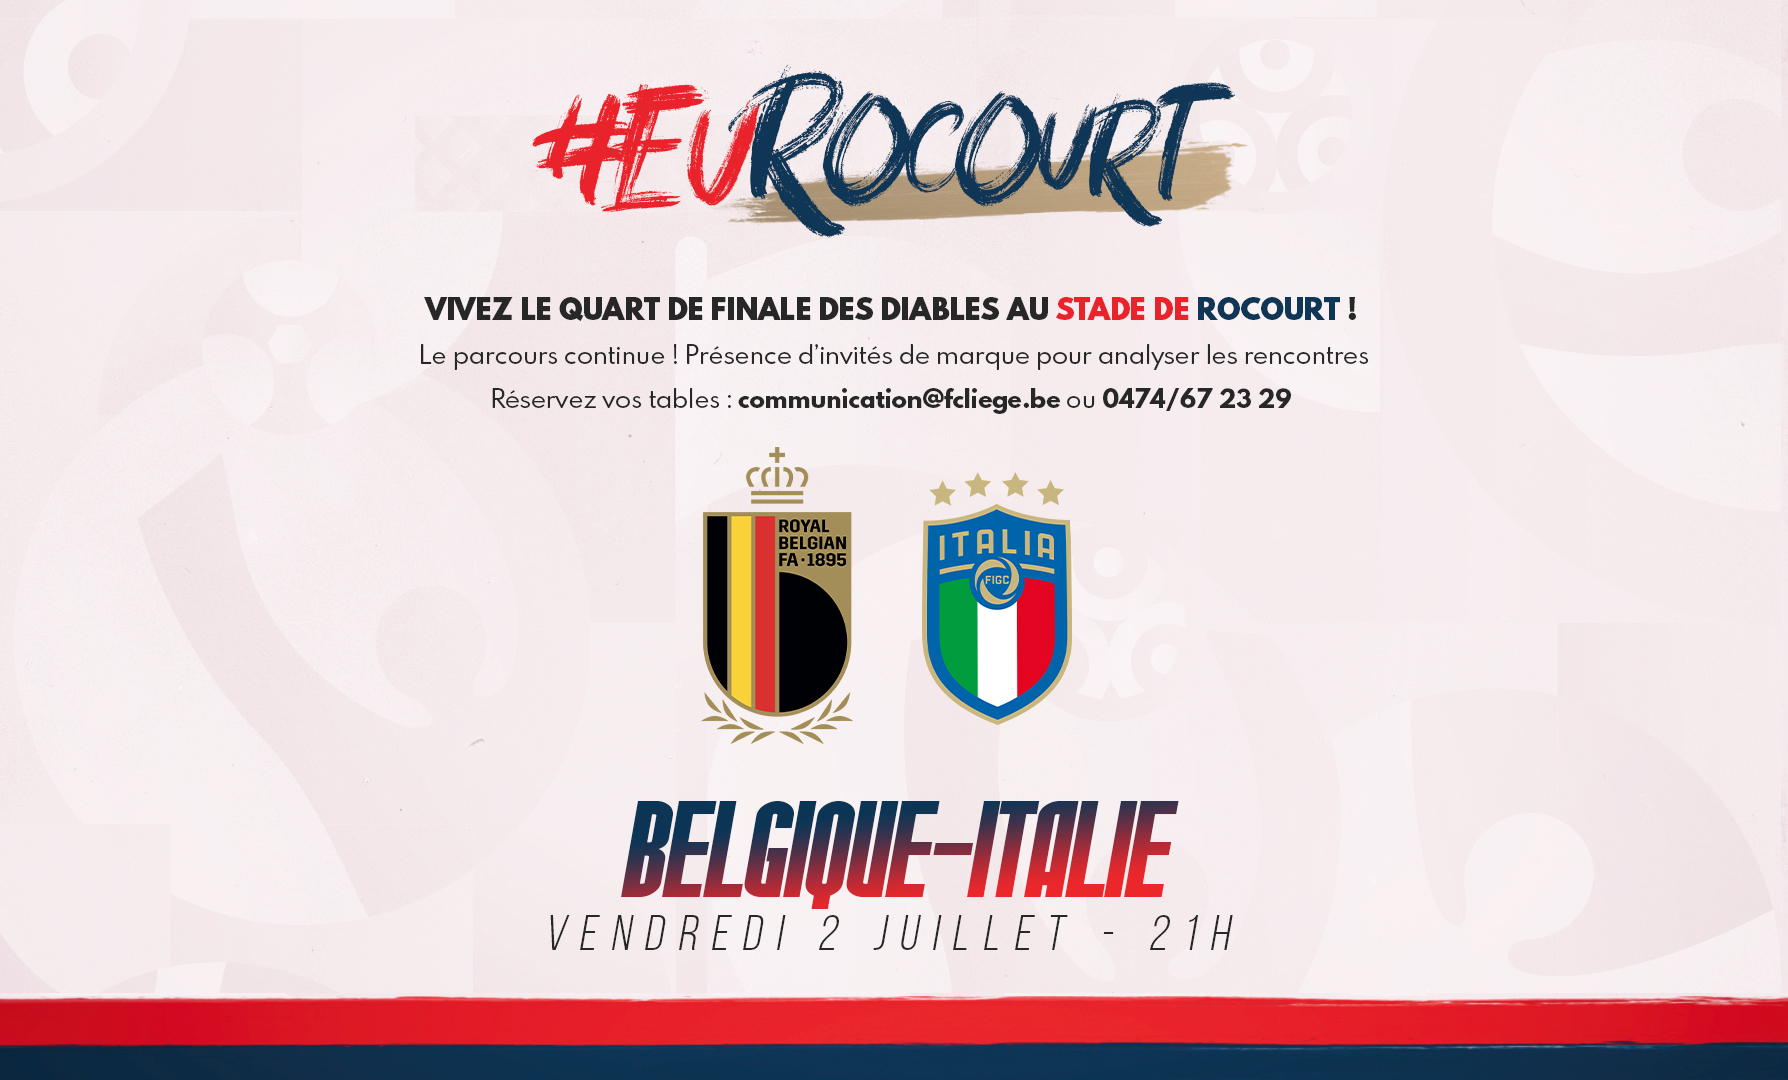 Évènement   Belgique-Italie à Rocourt ! (sold out)